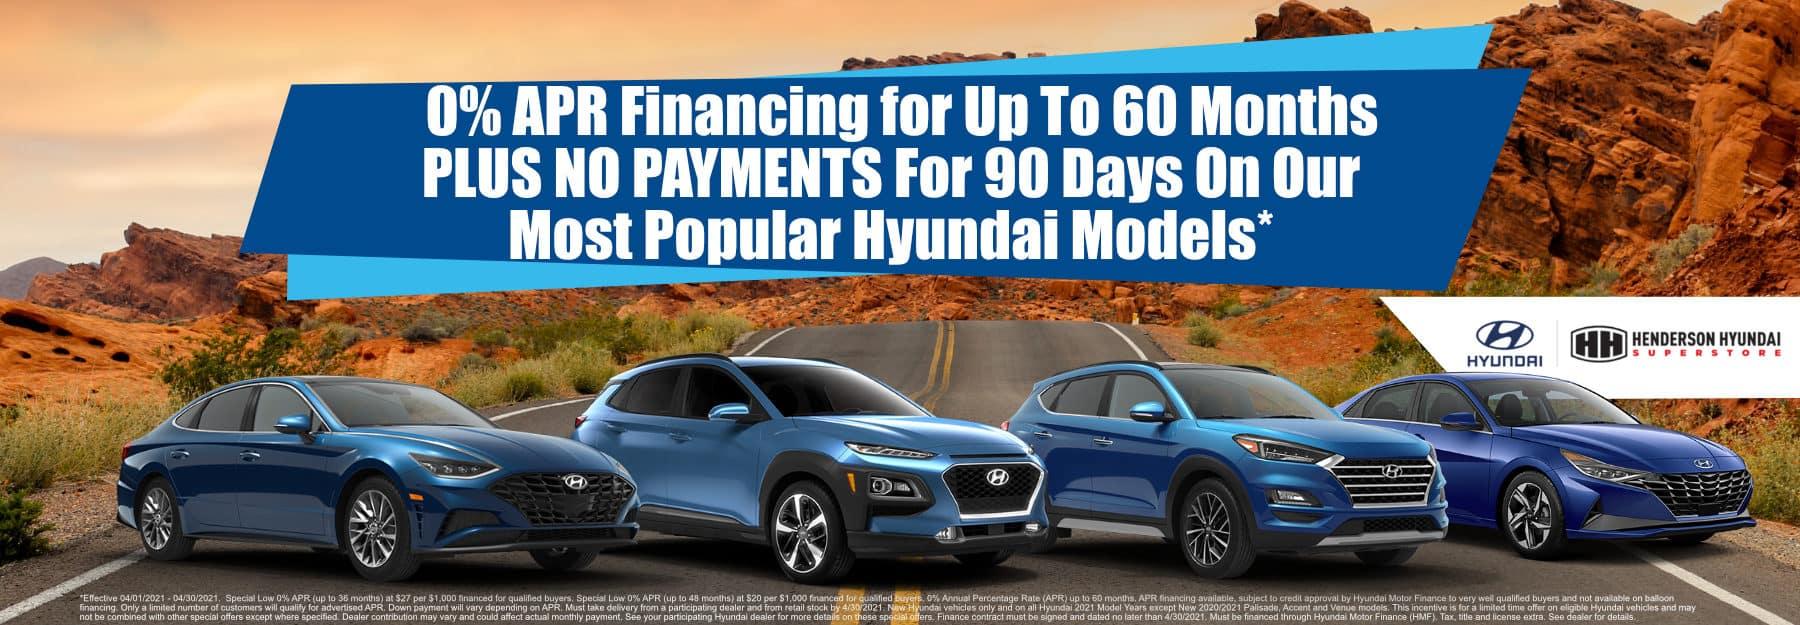 Revised_April_2021_General Henderson Hyundai